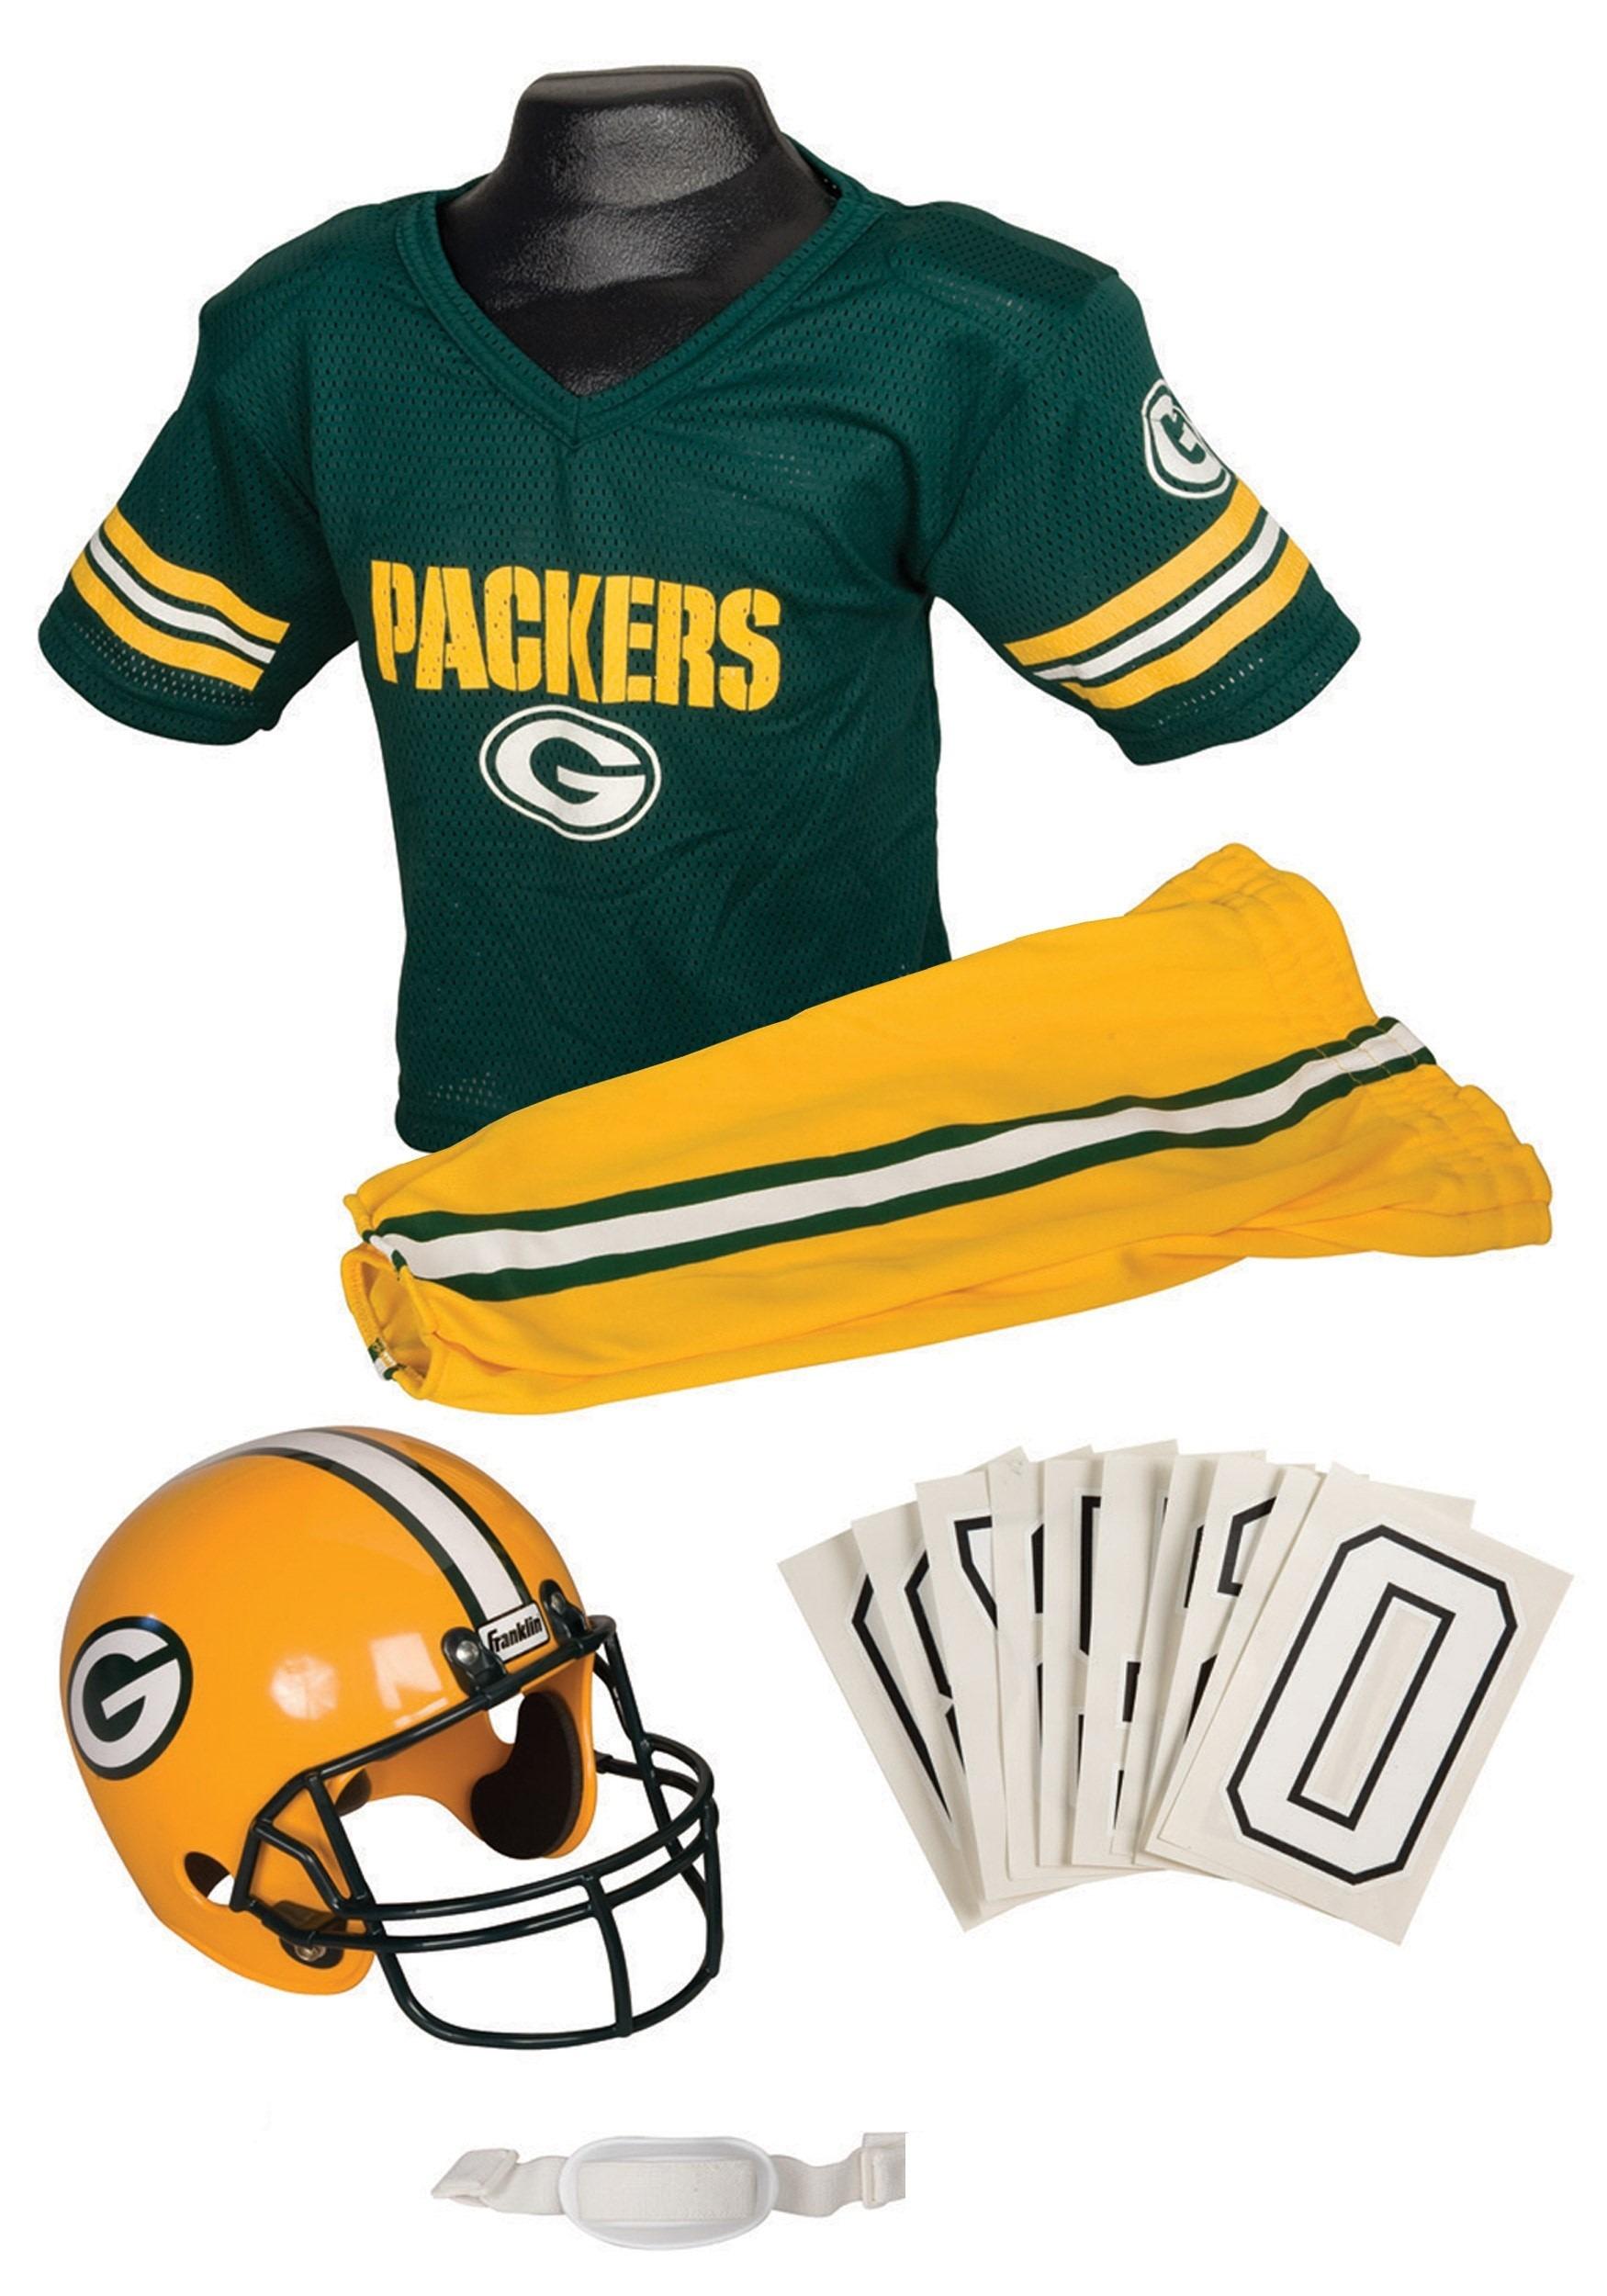 NFL Packers Uniform Costume FA15700F05